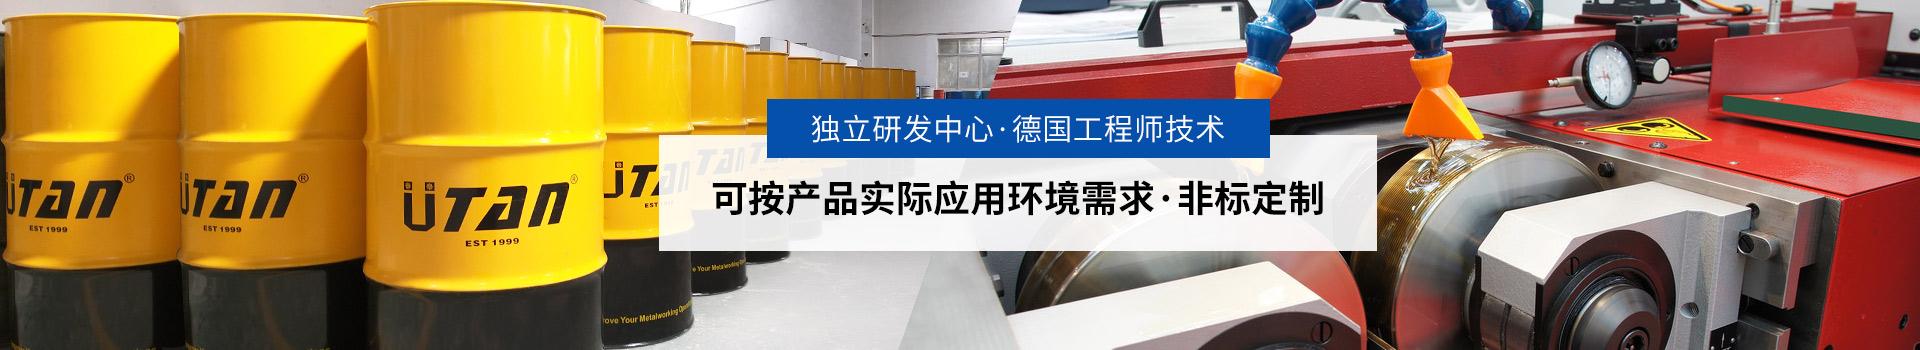 宇田科技-可按产品实际应用环境需求,非标定制